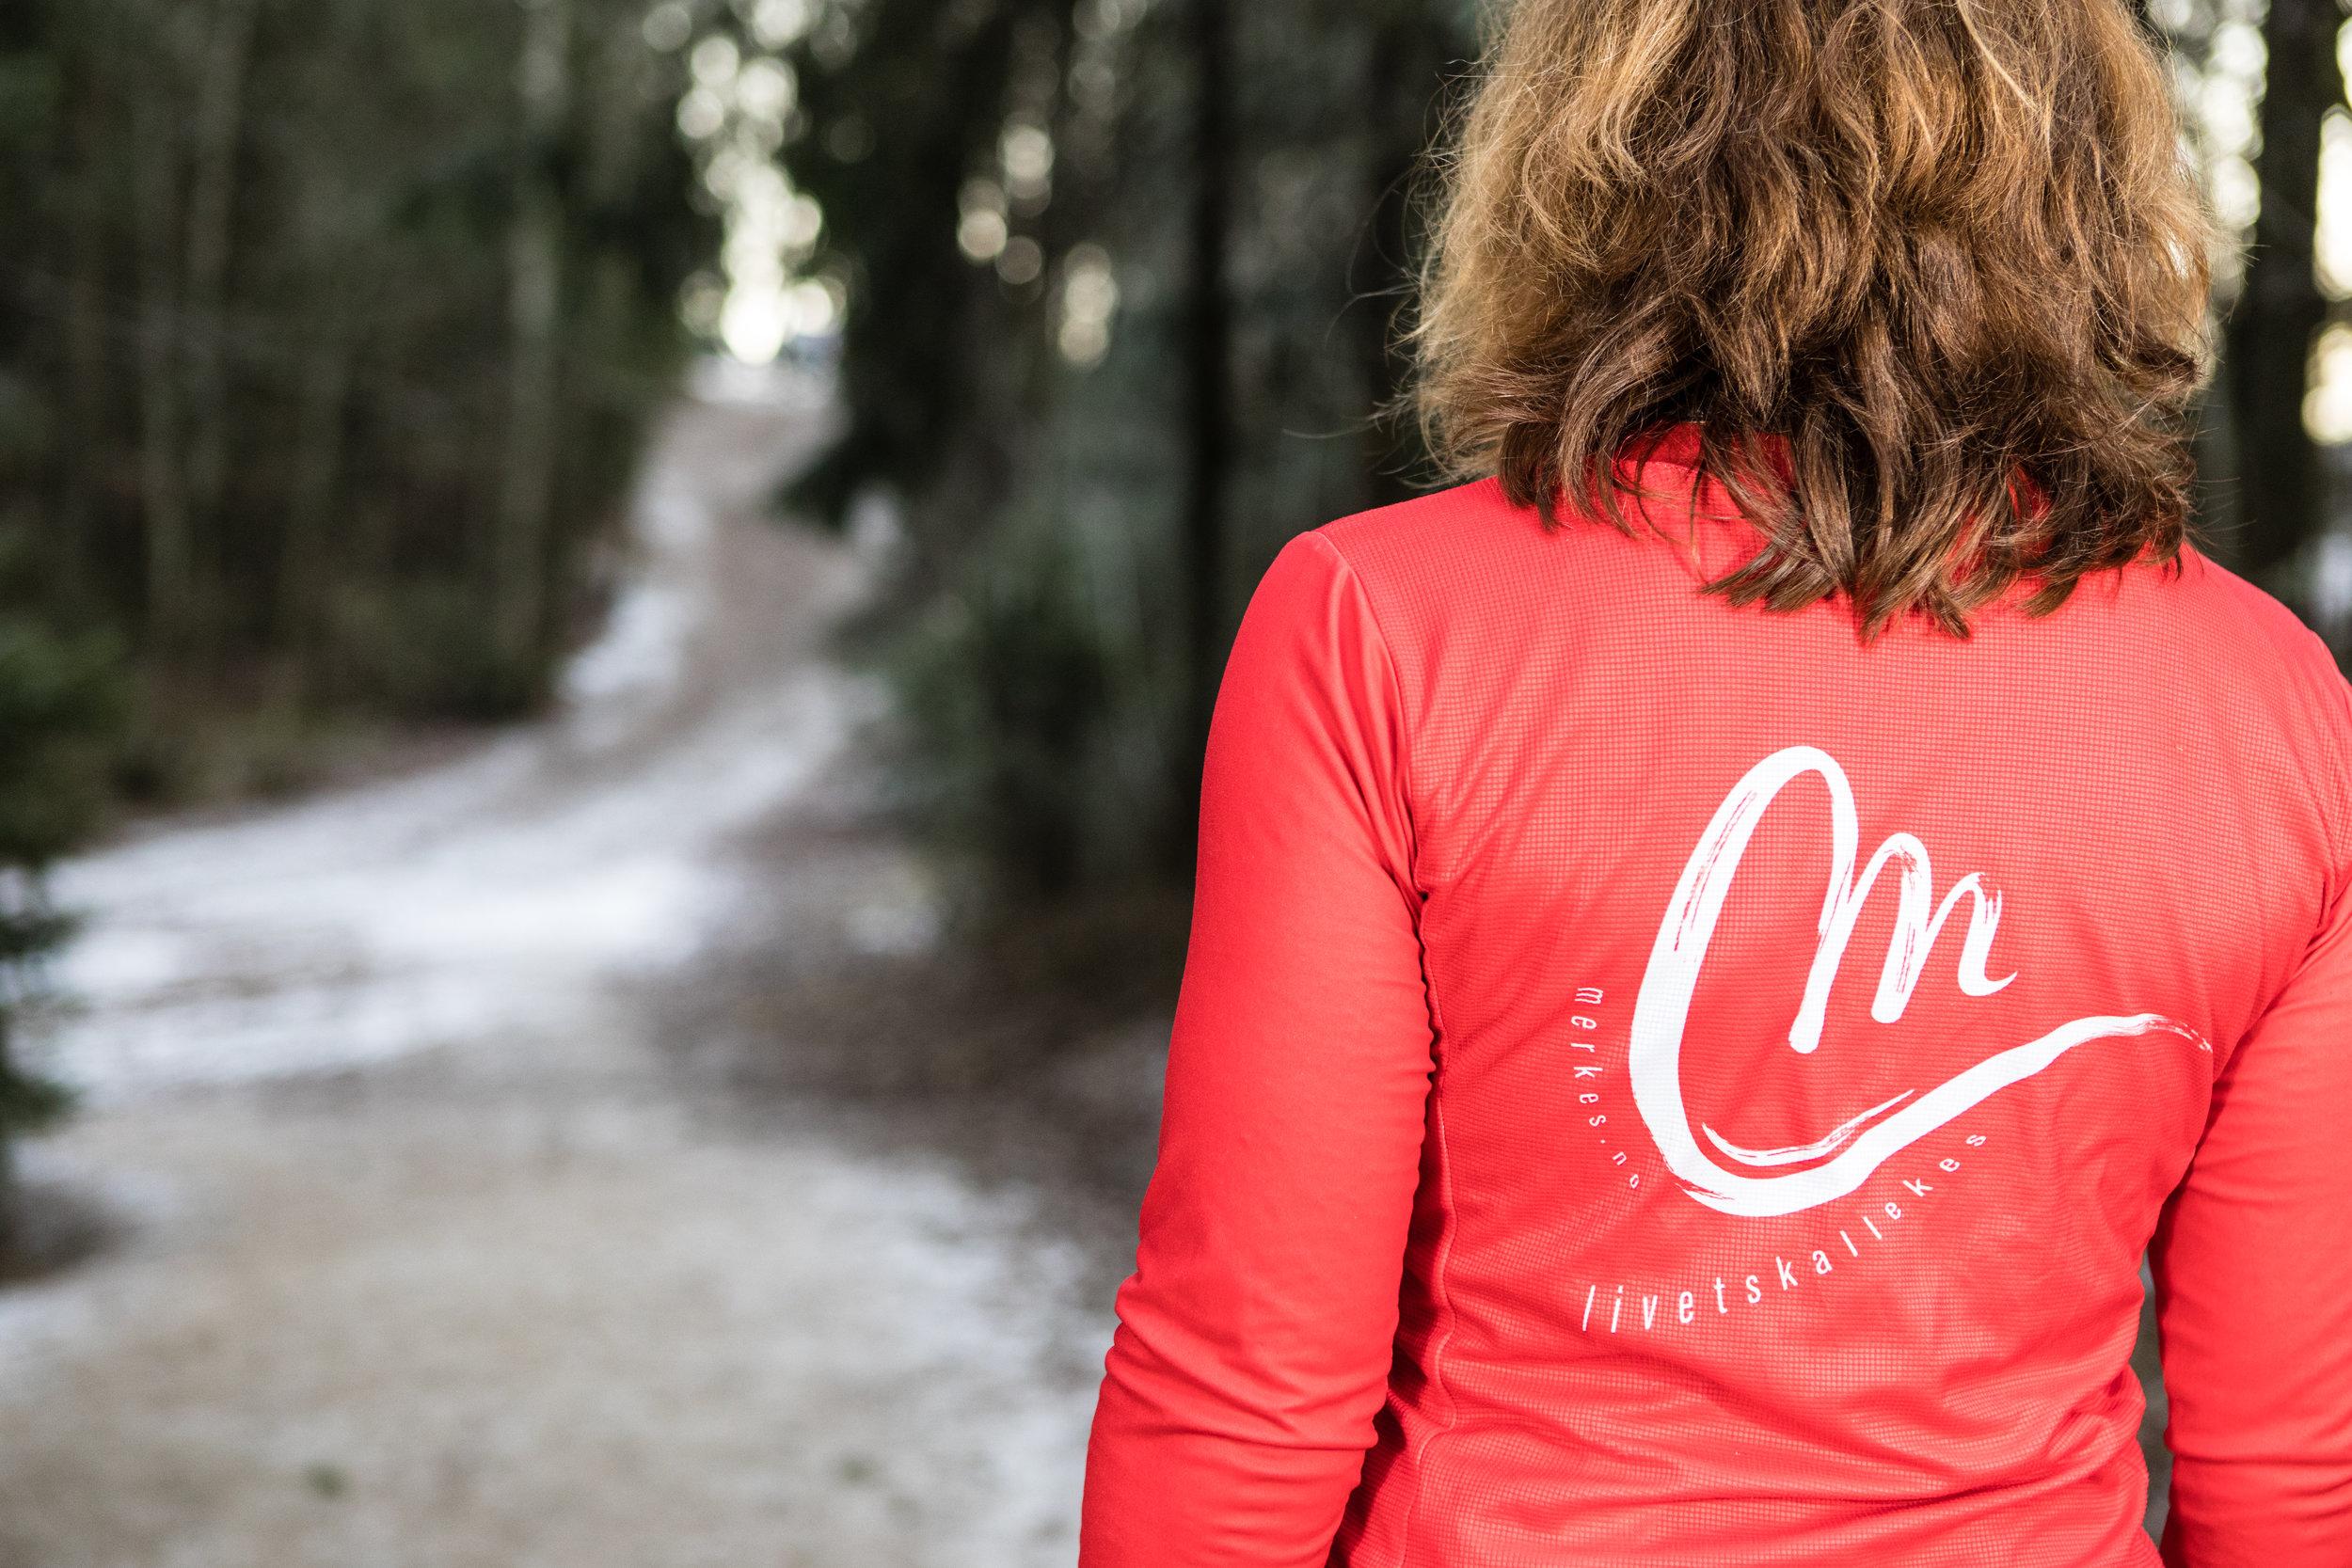 Vi ønsker å tilby trening og veiledning der livene leves. Se mer på www.merkes.no/trening.